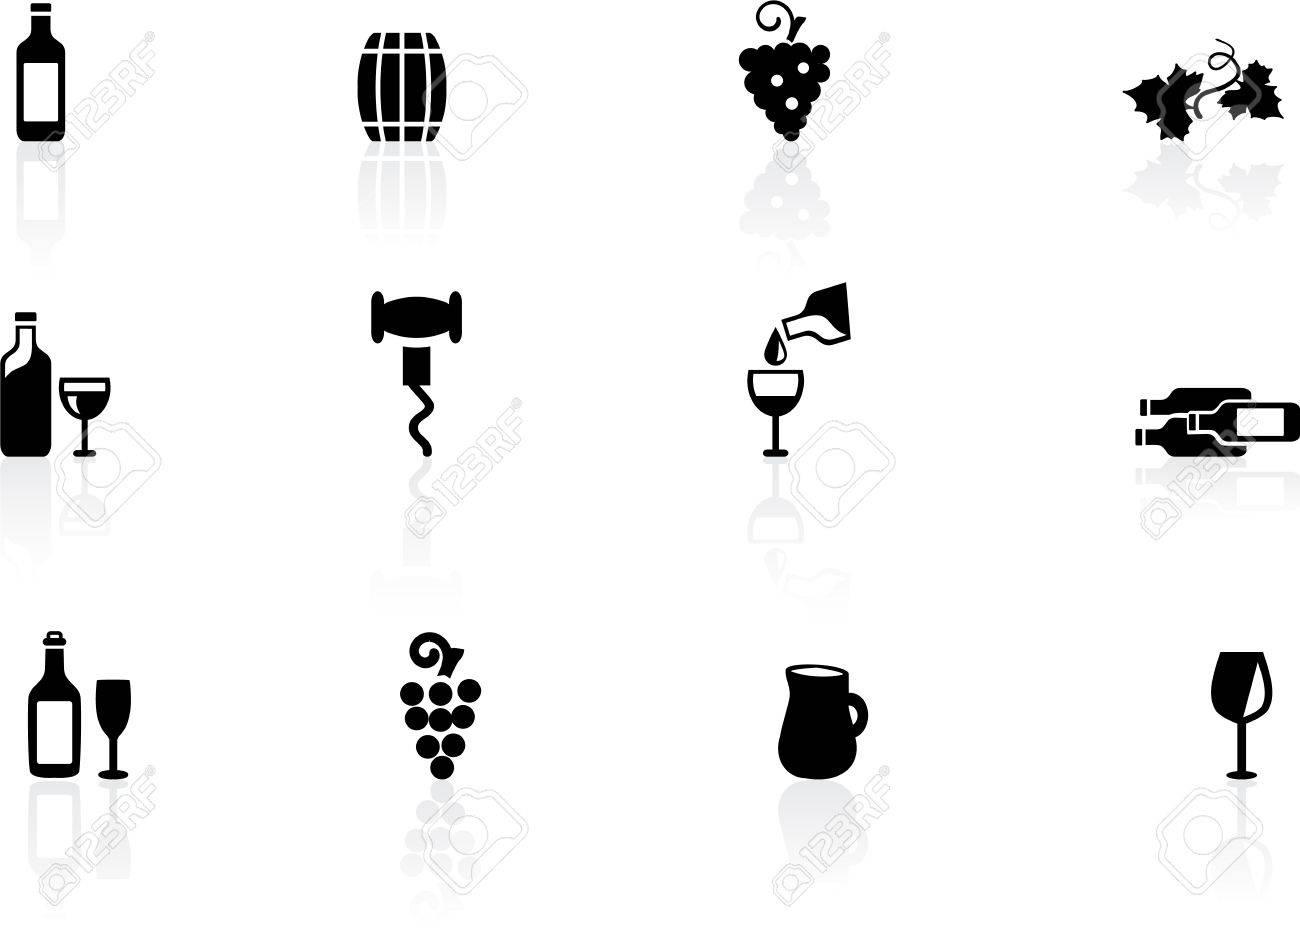 Wine icons Stock Vector - 14295530